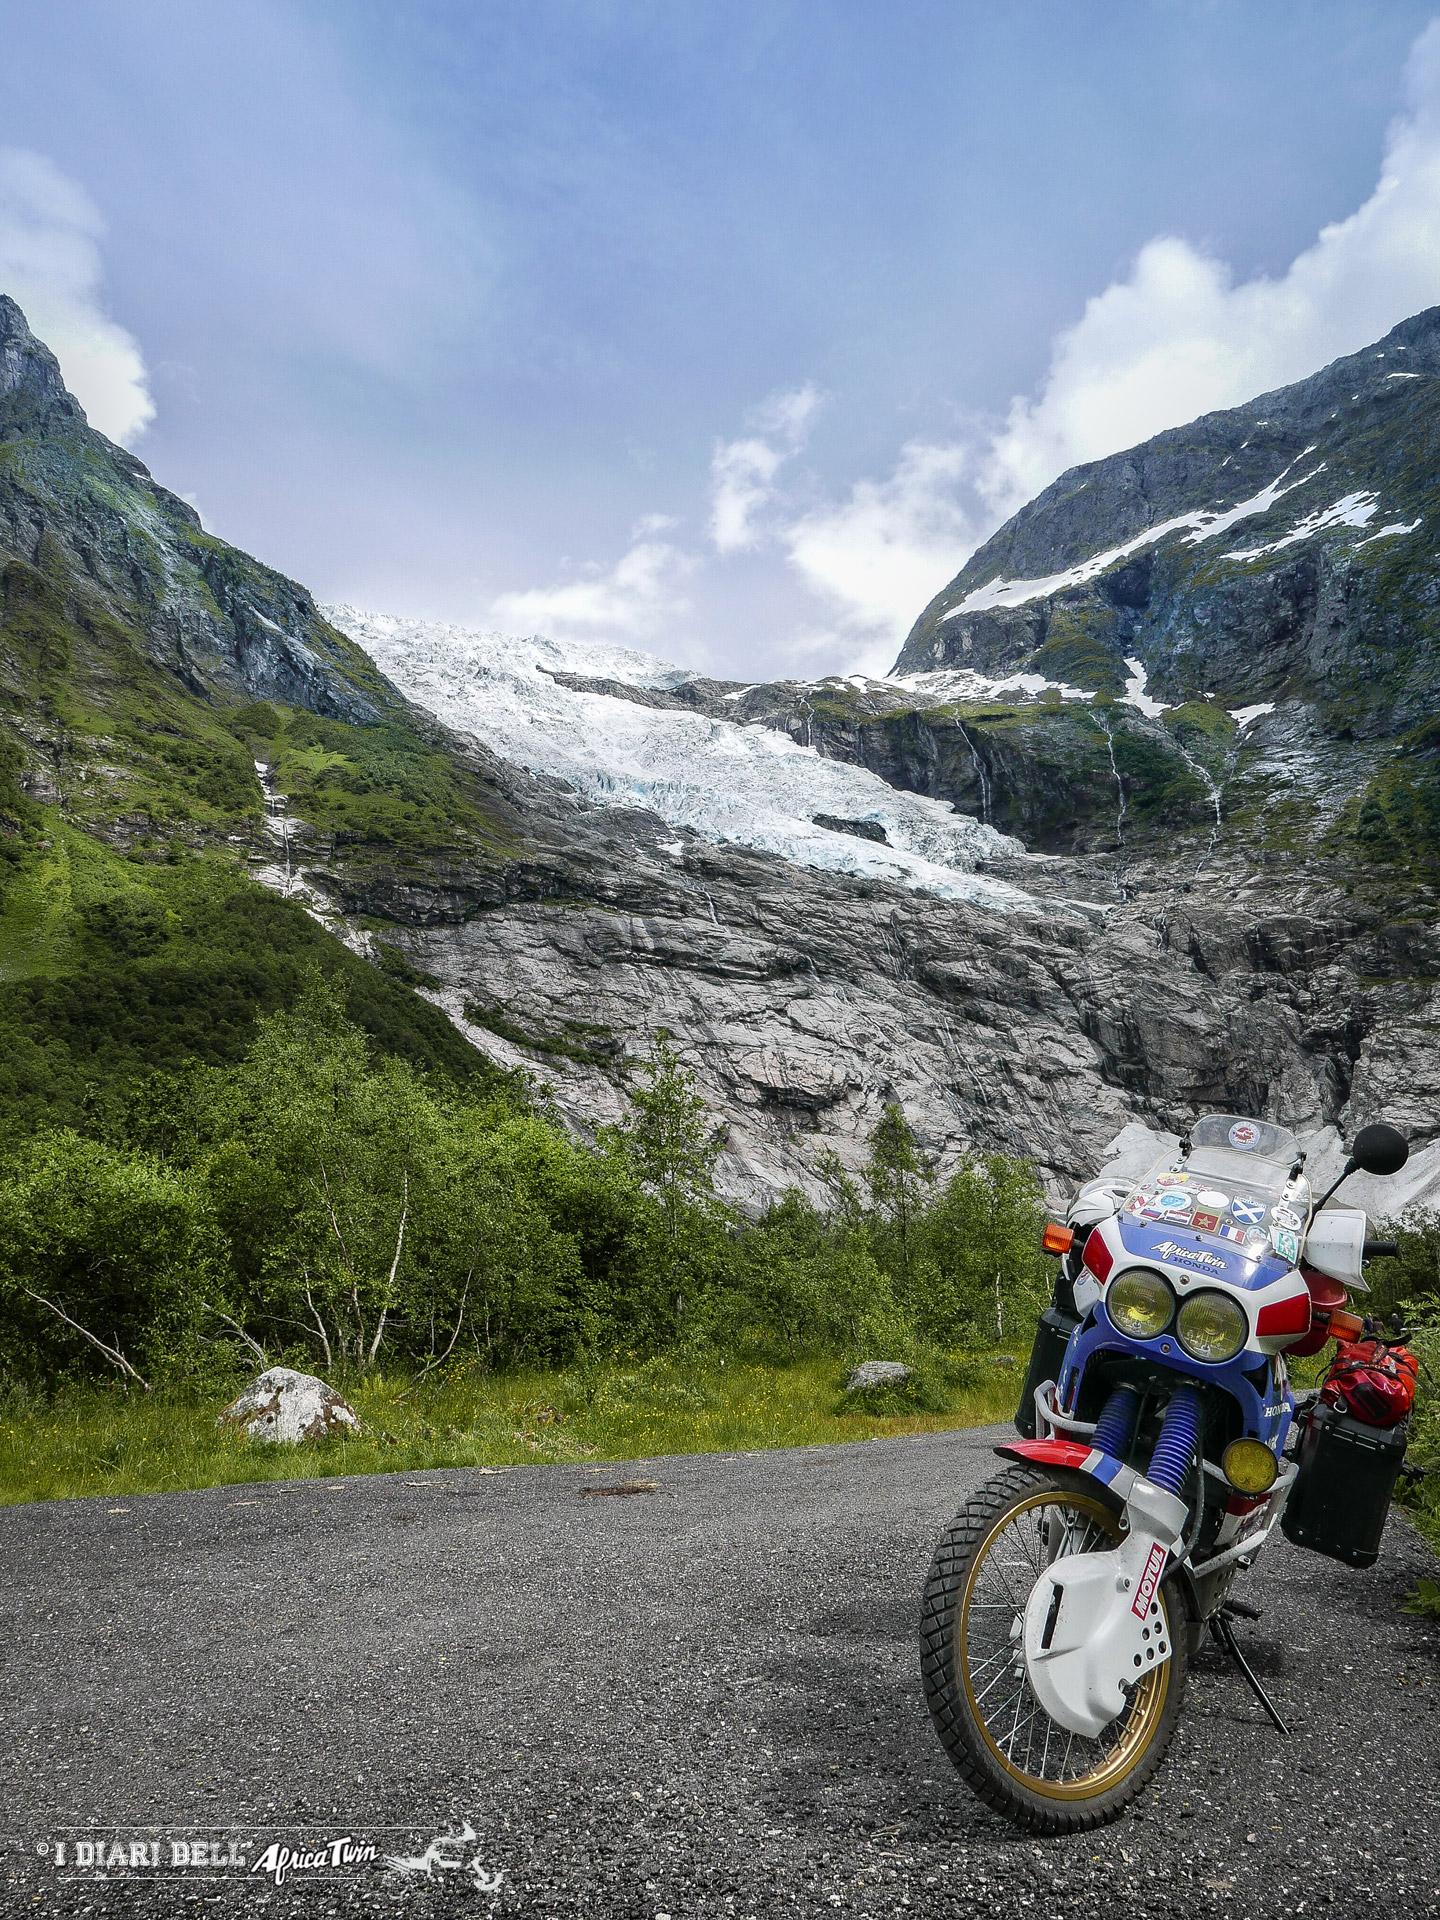 Ghiacciaio Briksdal caponord in moto